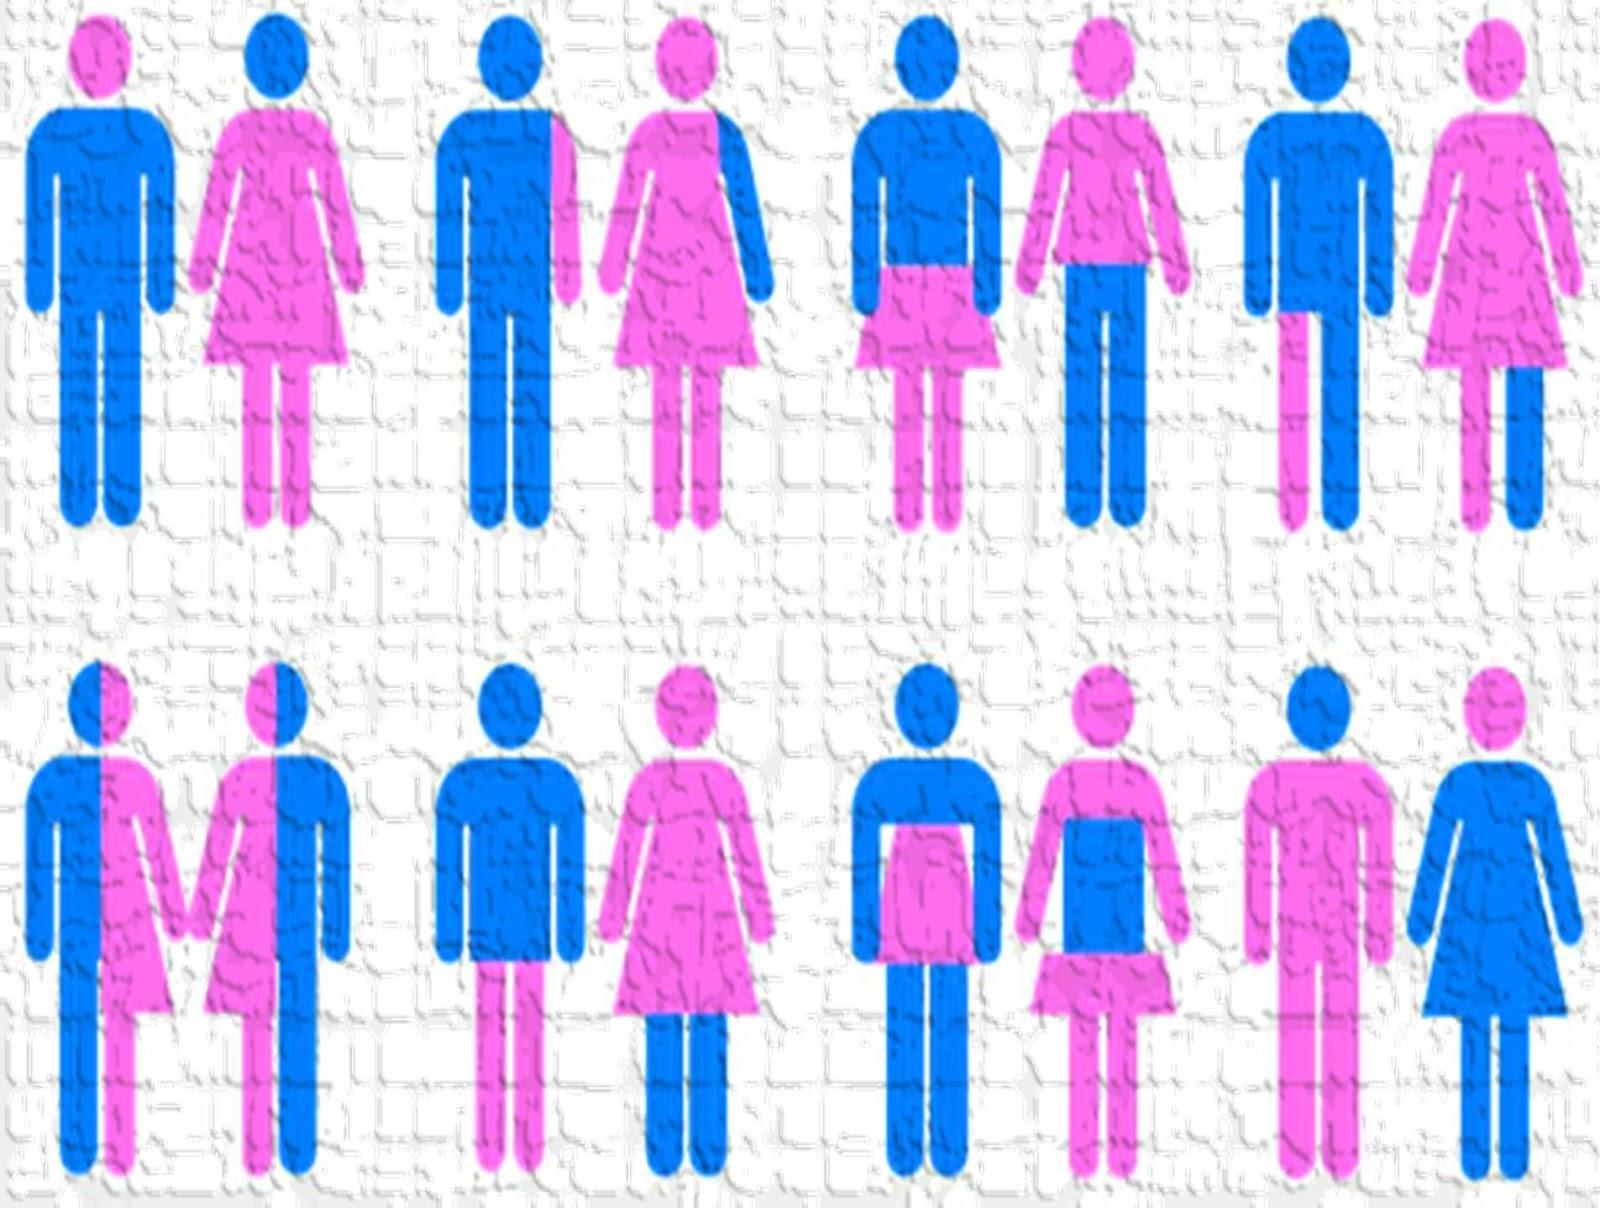 الهوية الجندرية والمجتمع